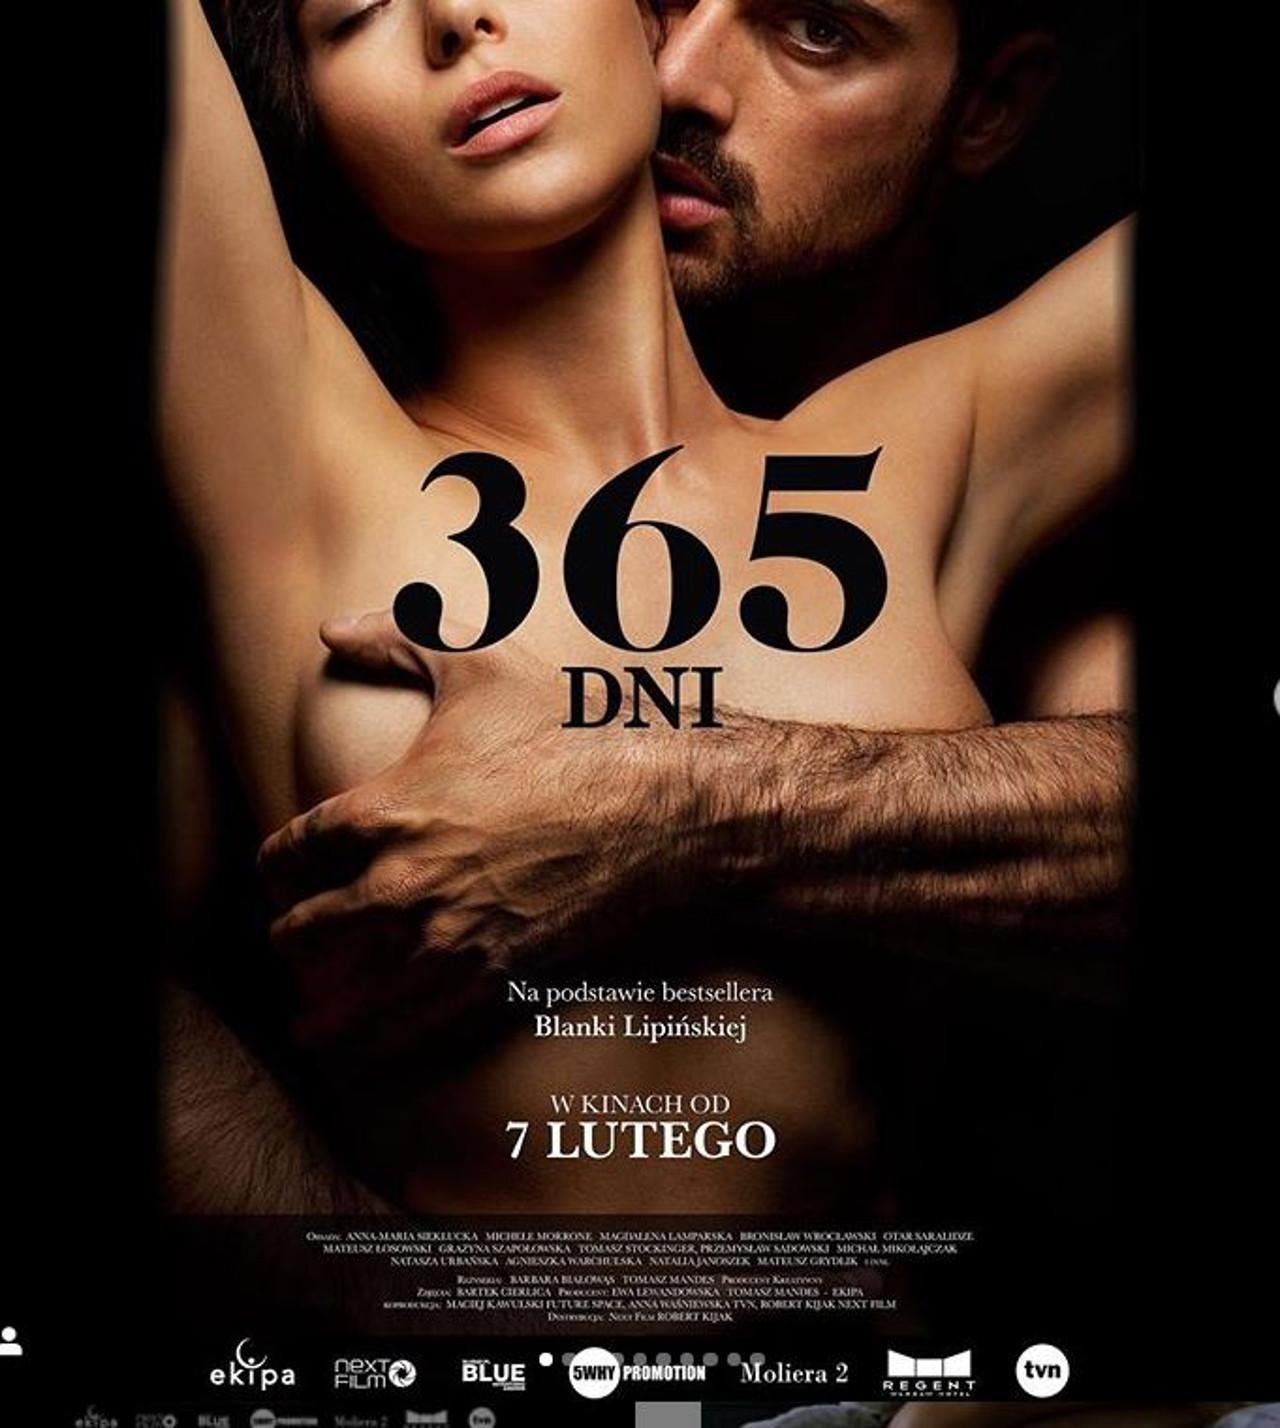 Blanka Lipińska 365 dni